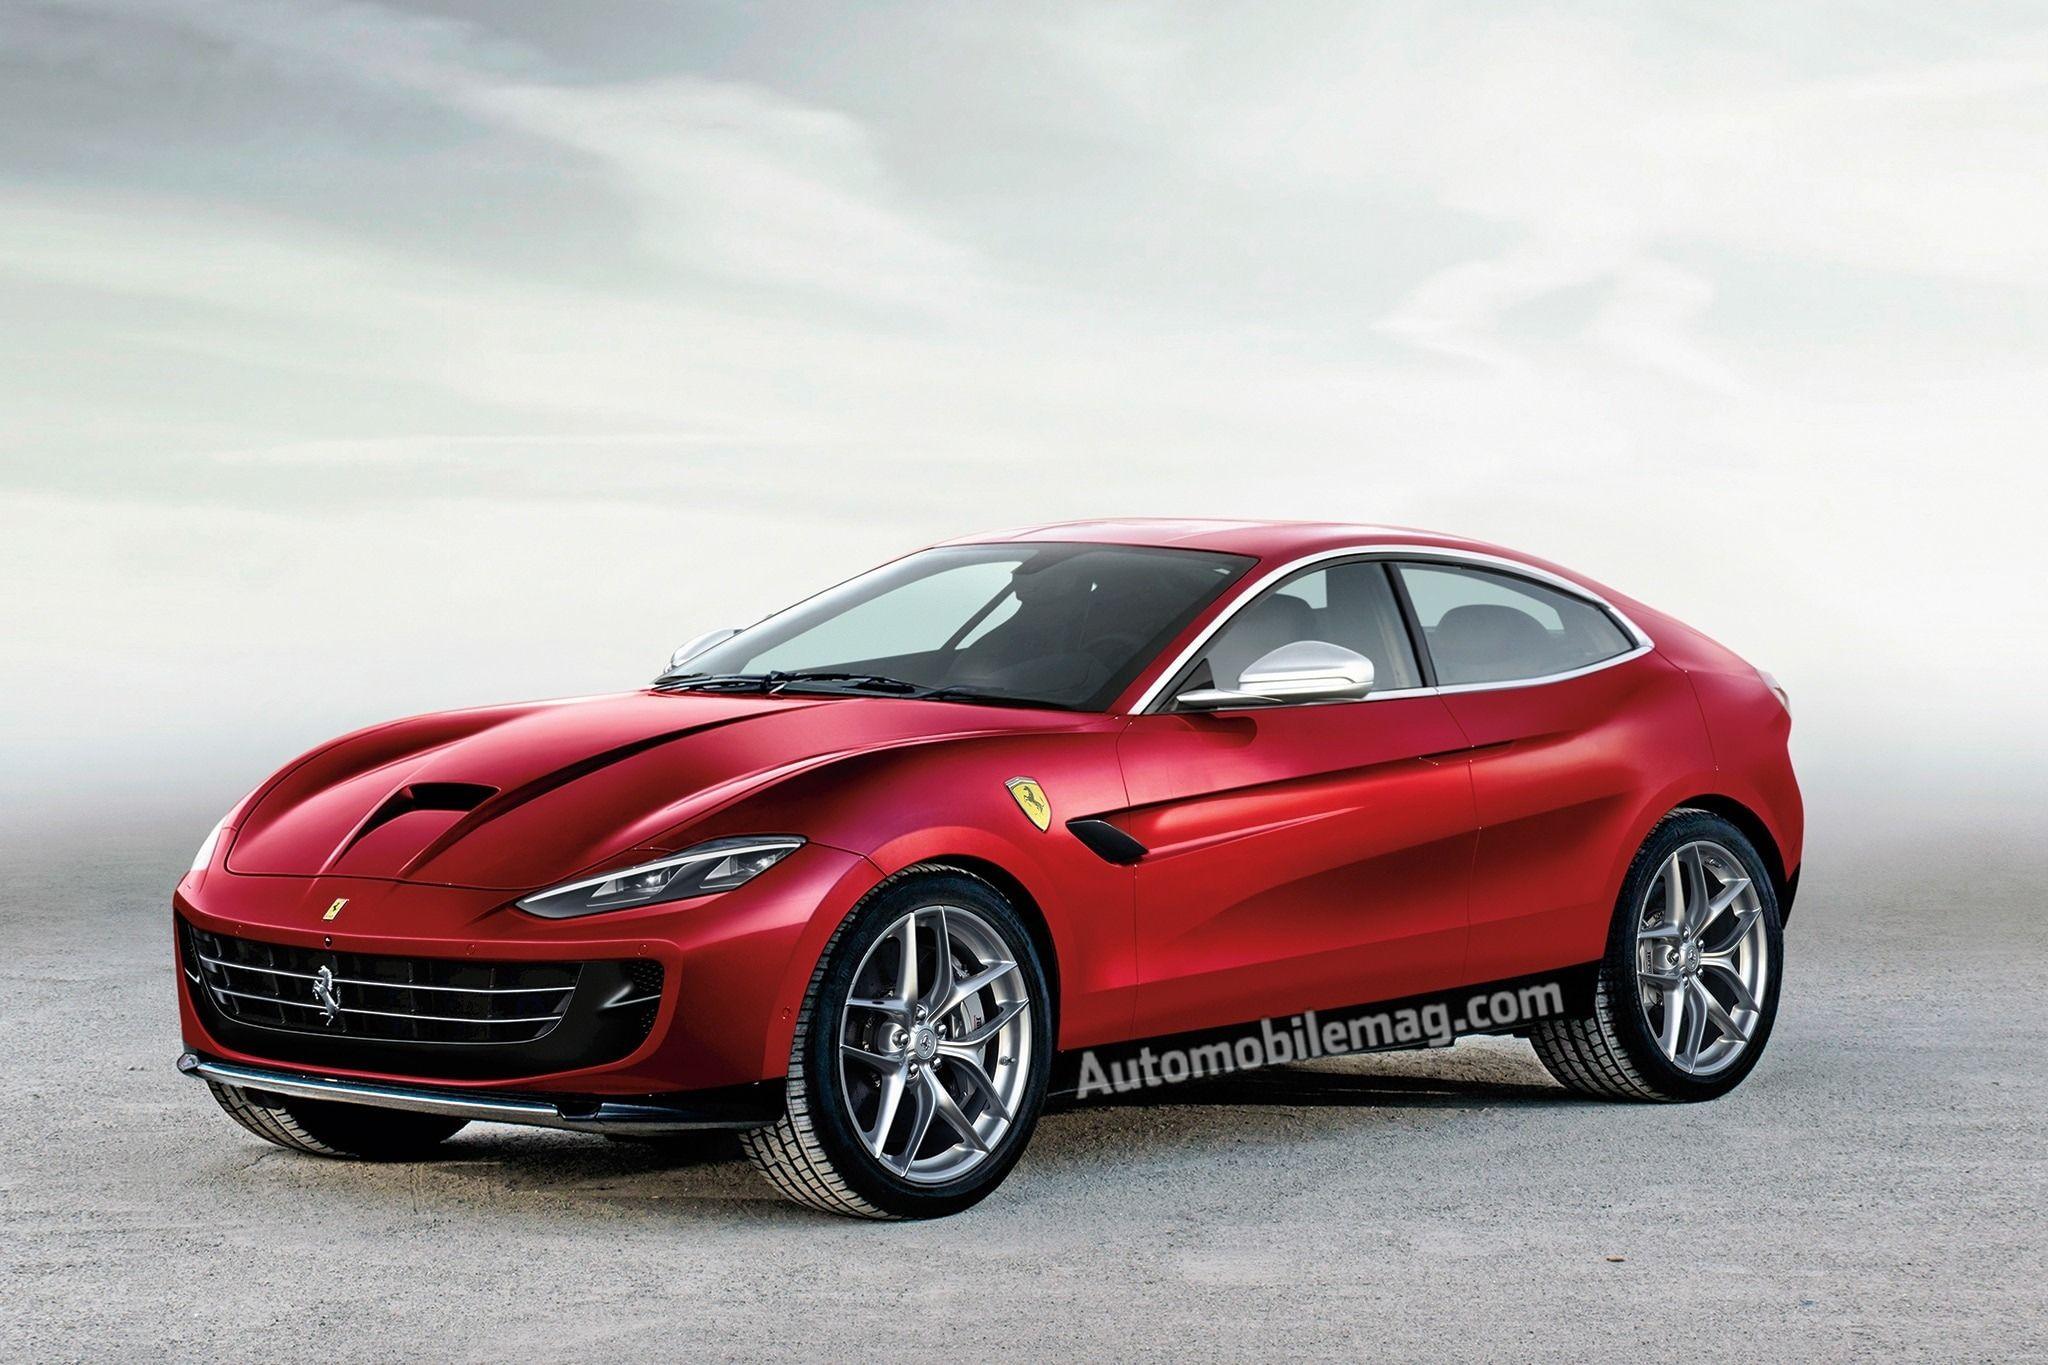 2019 Ferrari Suv New Interior Dengan Gambar Mobil Mewah Mobil